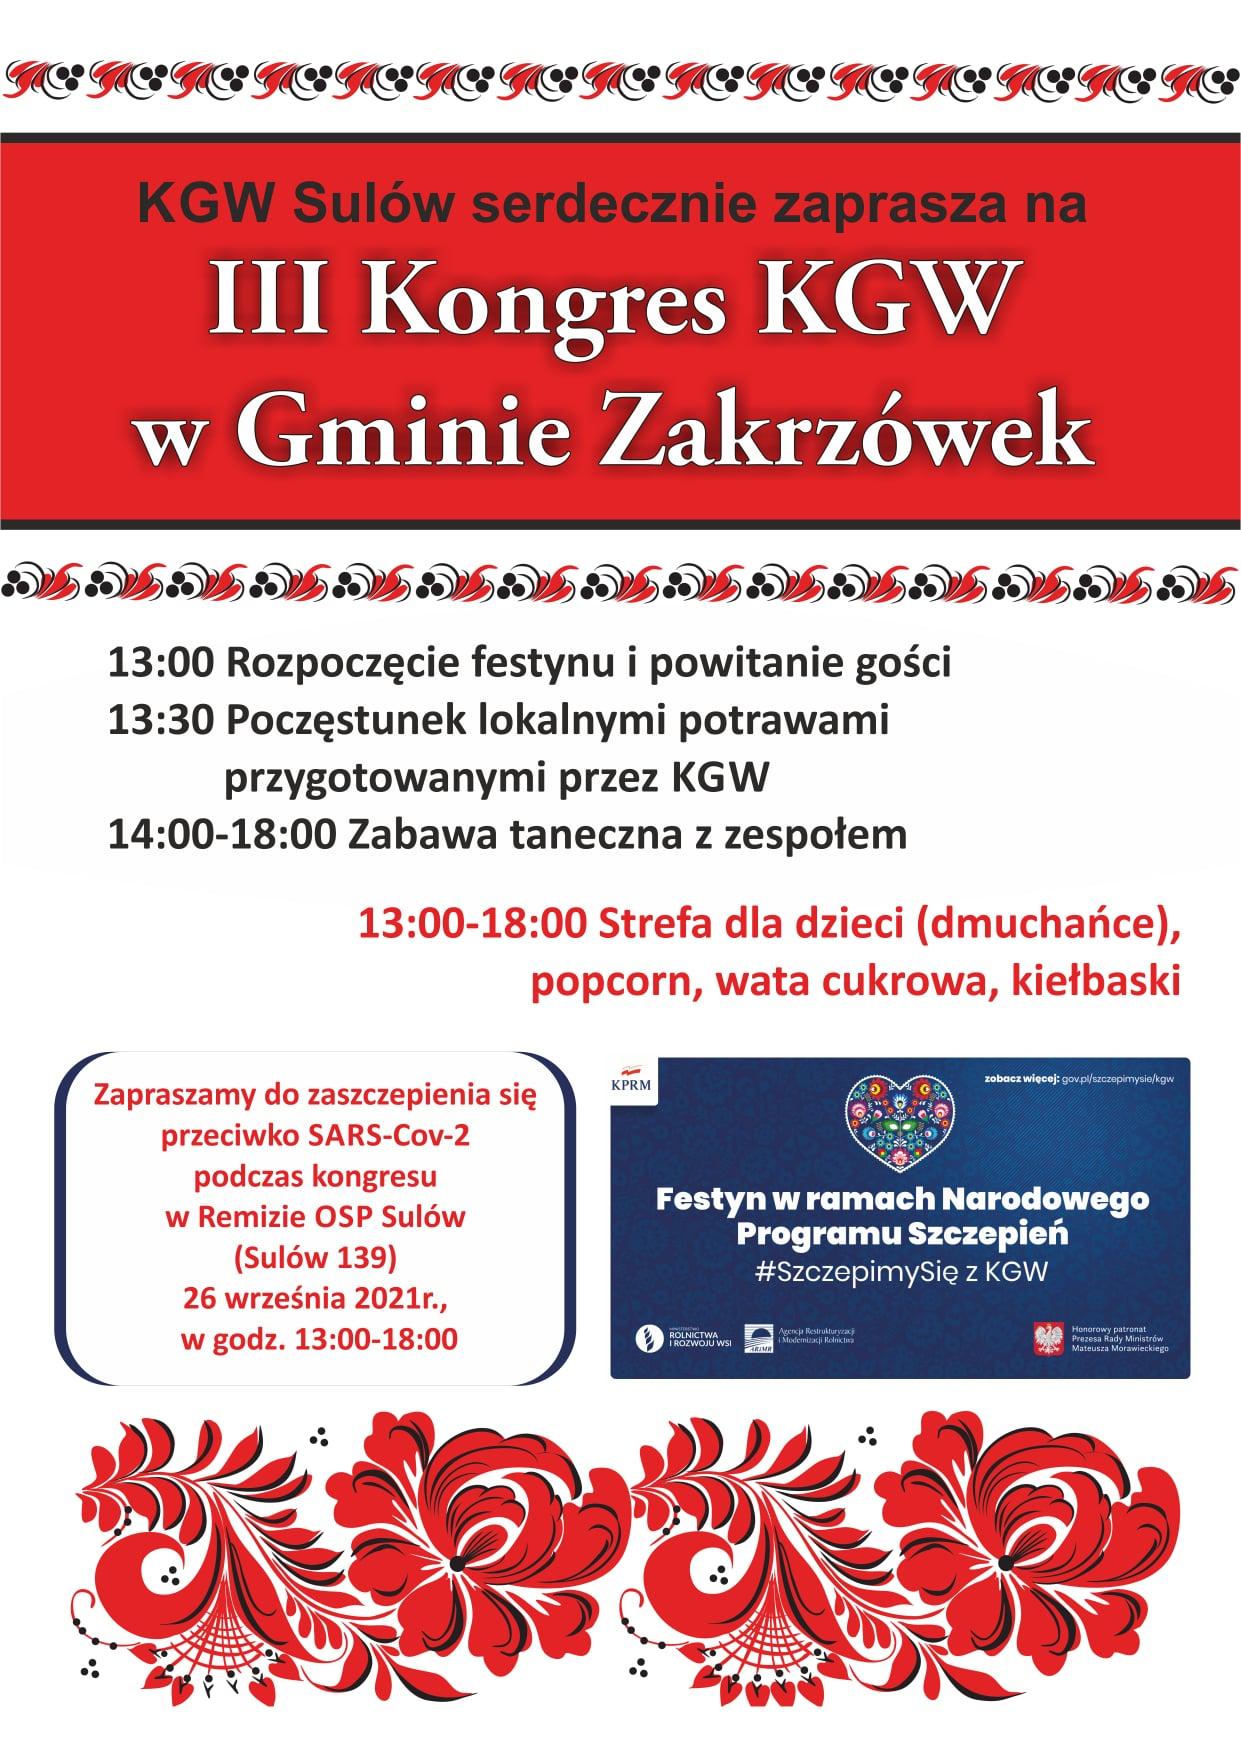 III Kongres KGW w Gminie Zakrzówek 26.09.2021 r.